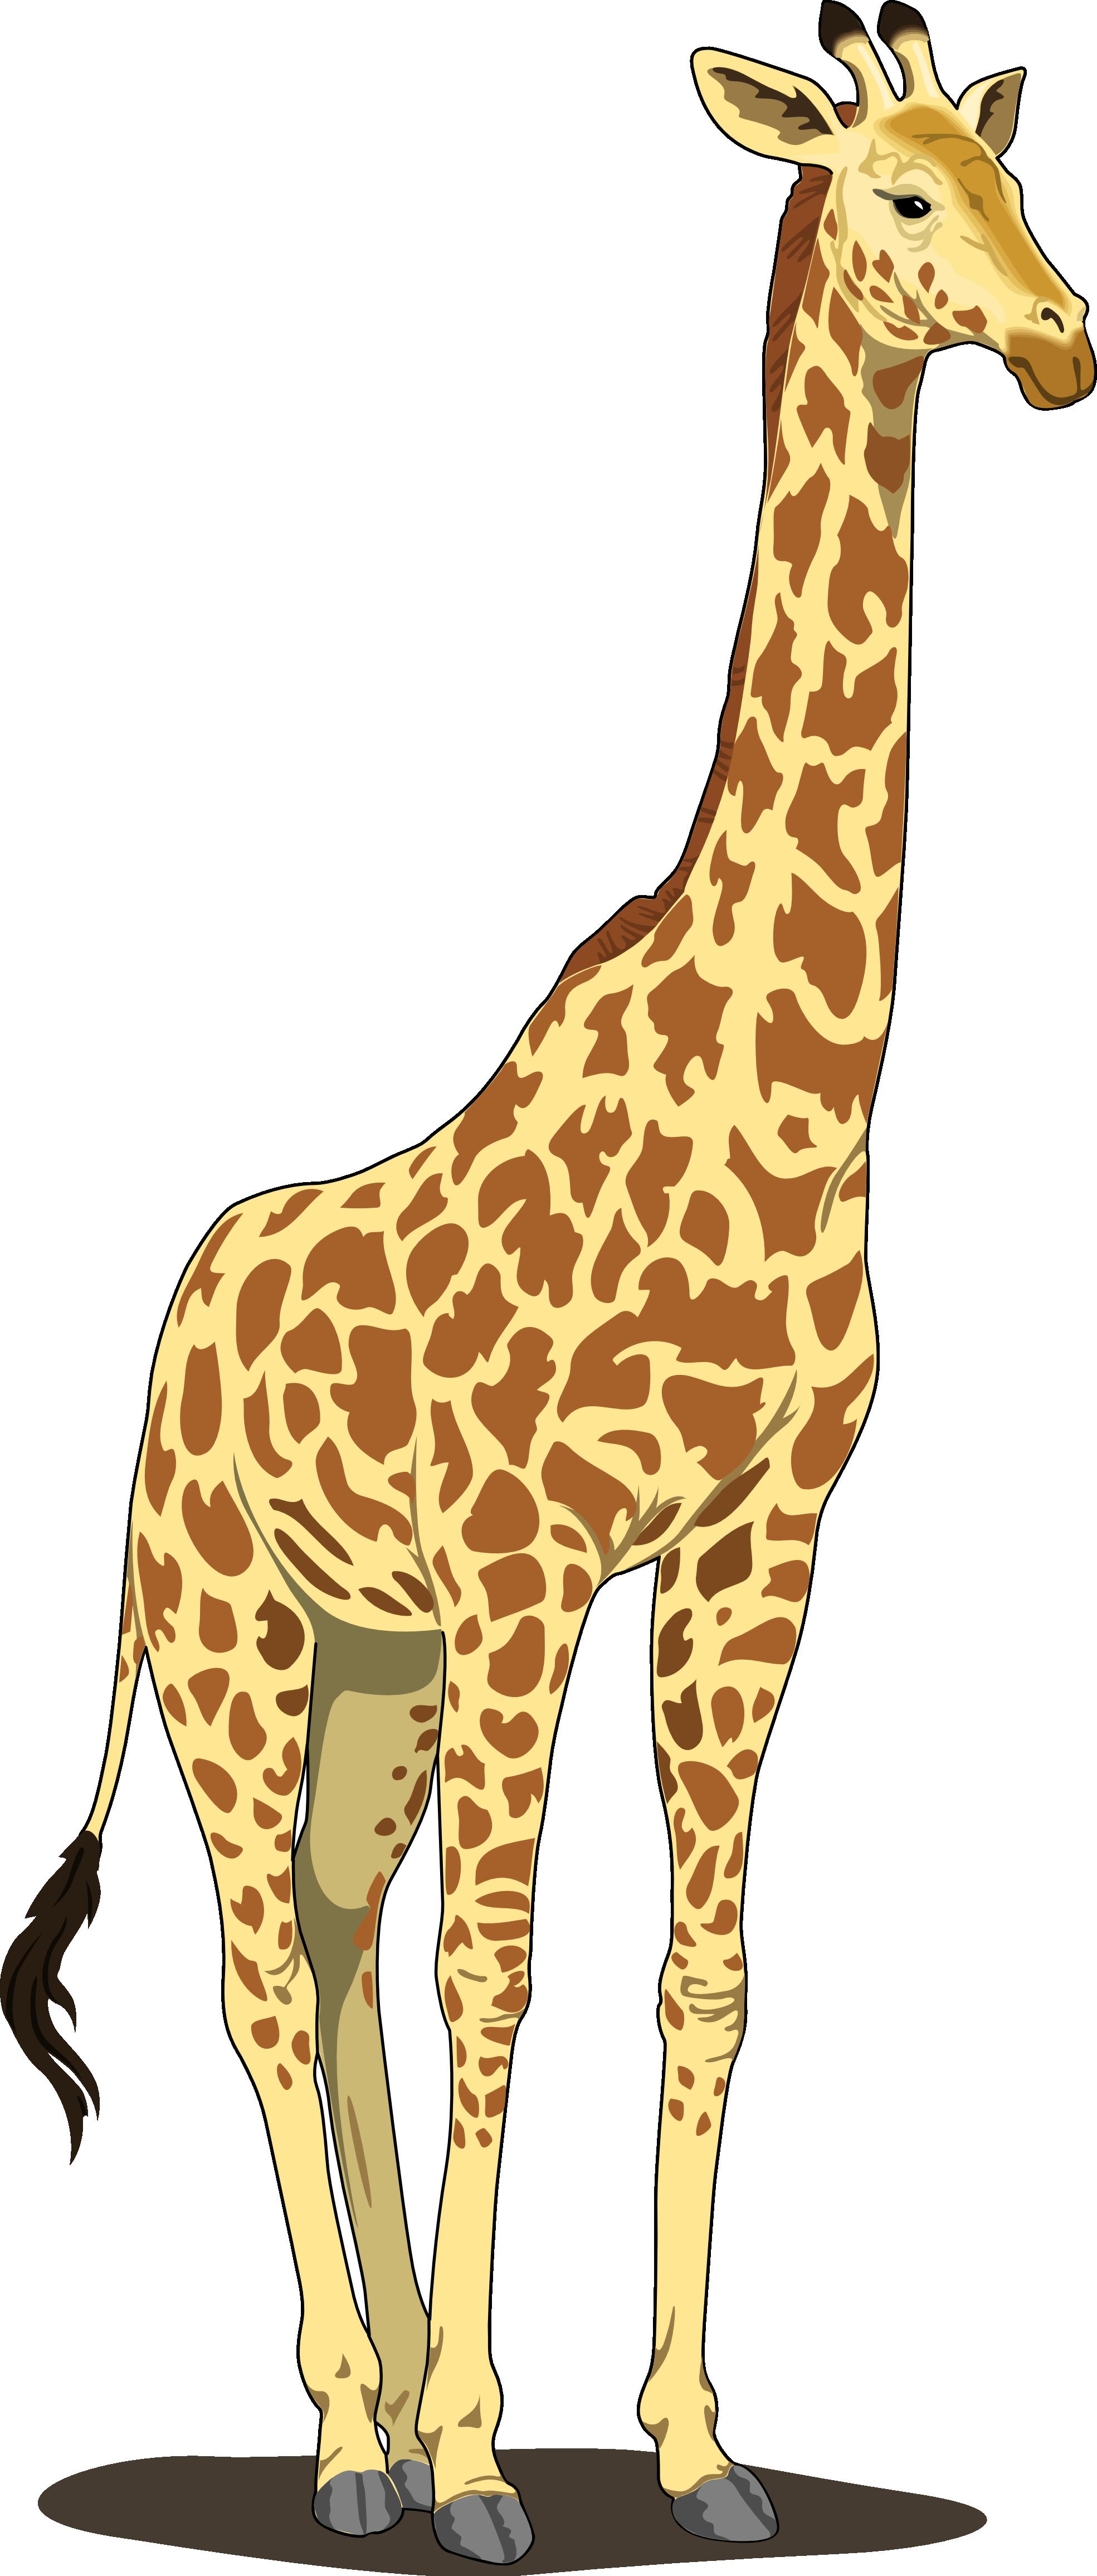 Giraffe clipart zarafa. Animal